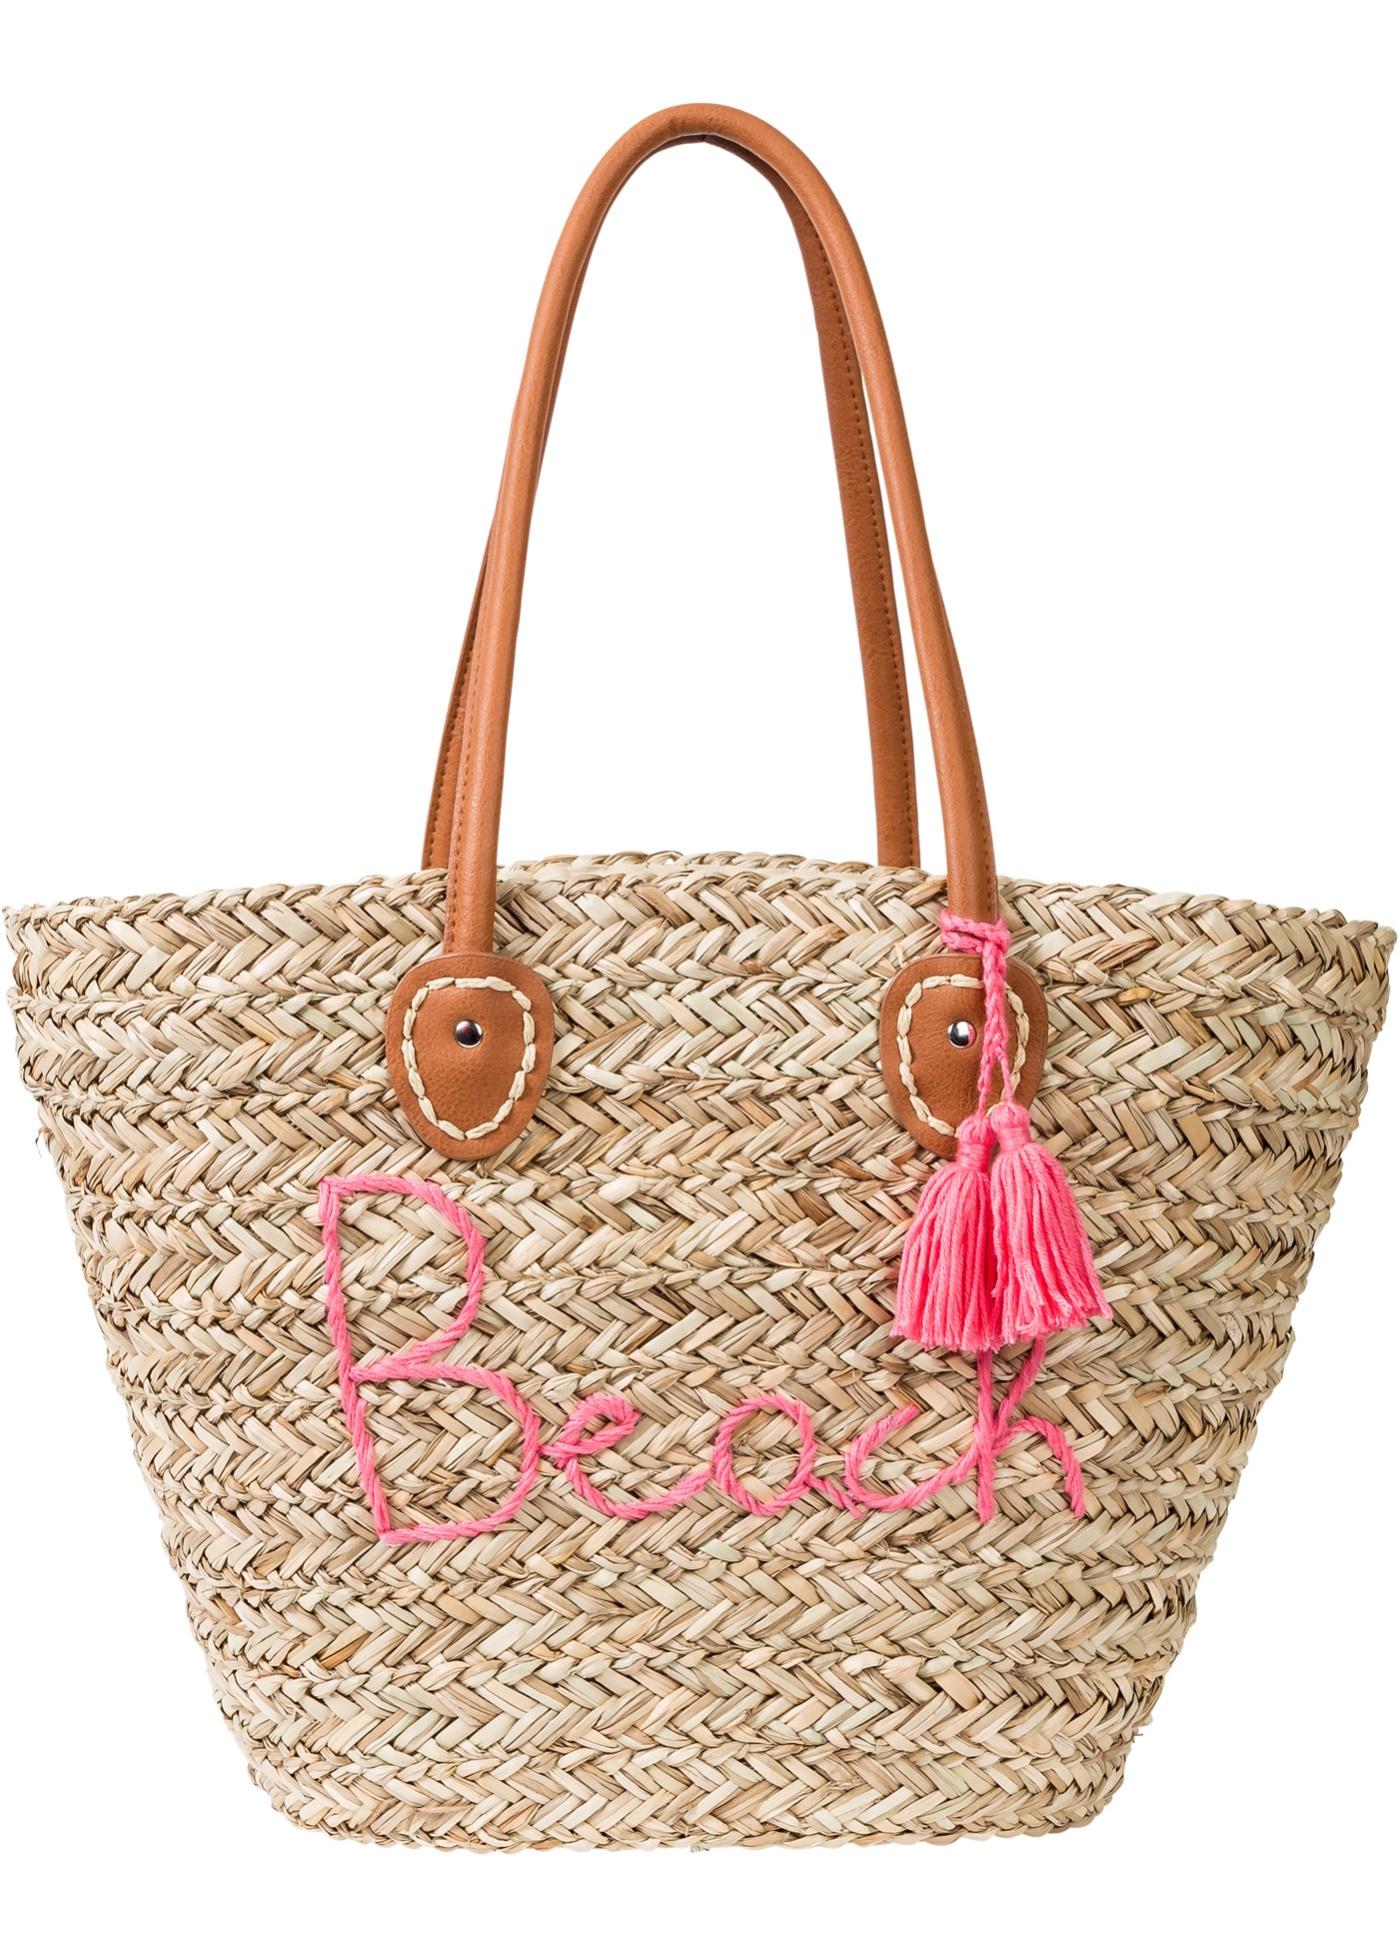 Damen bonprix Strandtasche beige   08401857500019